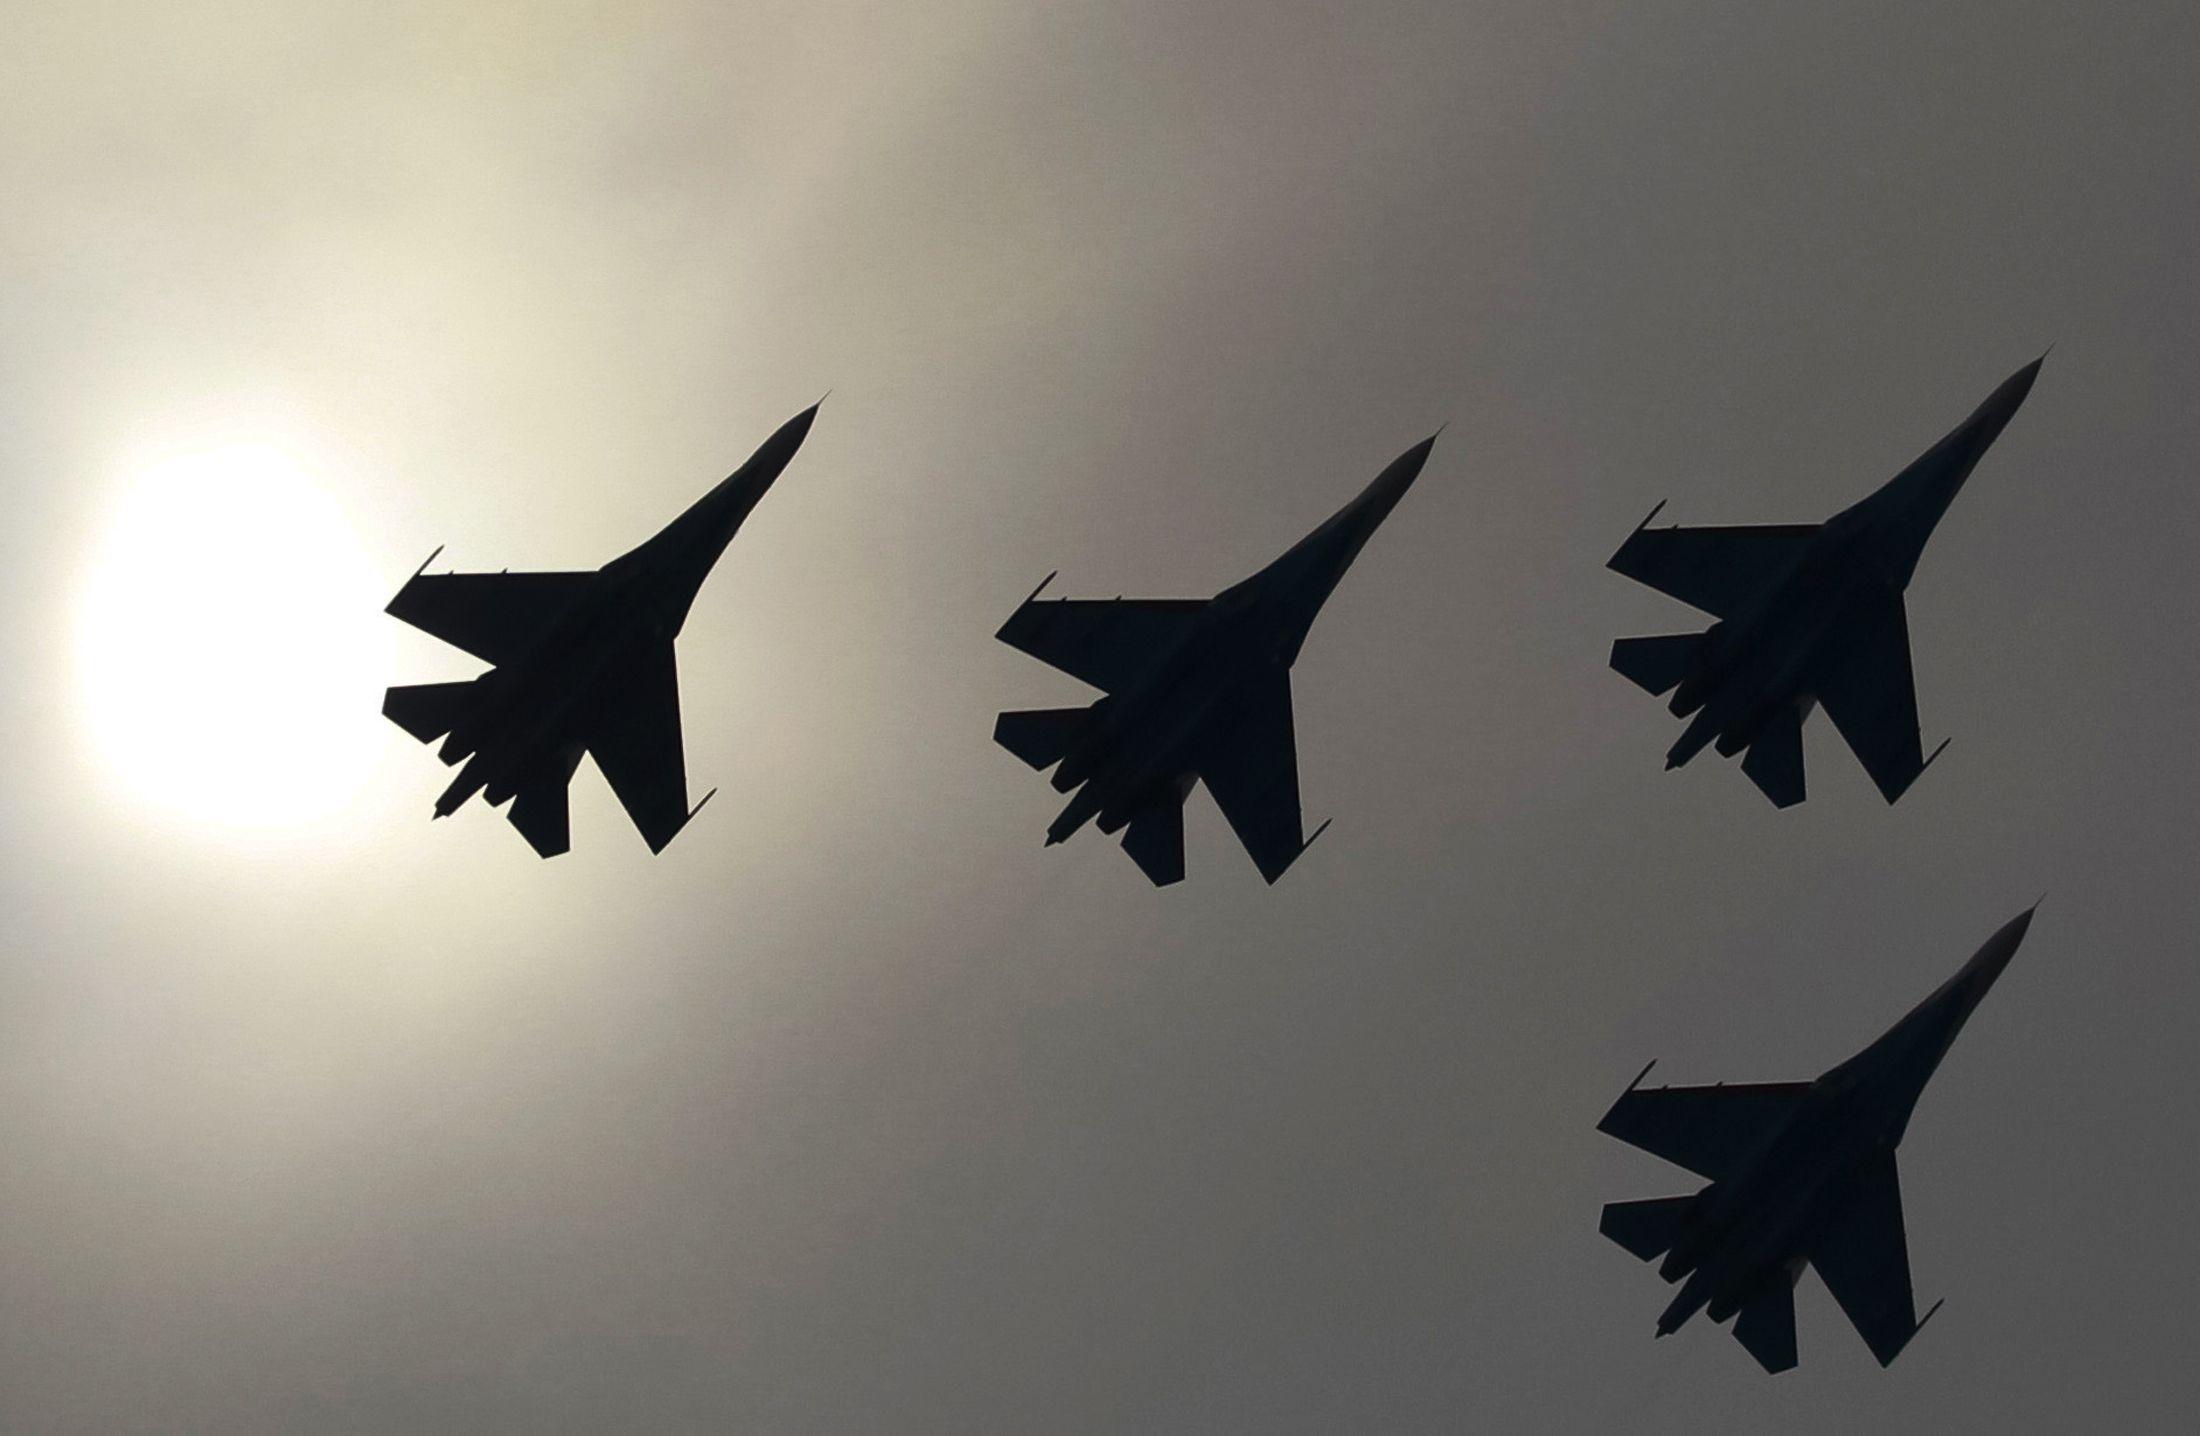 su-27 jets planes